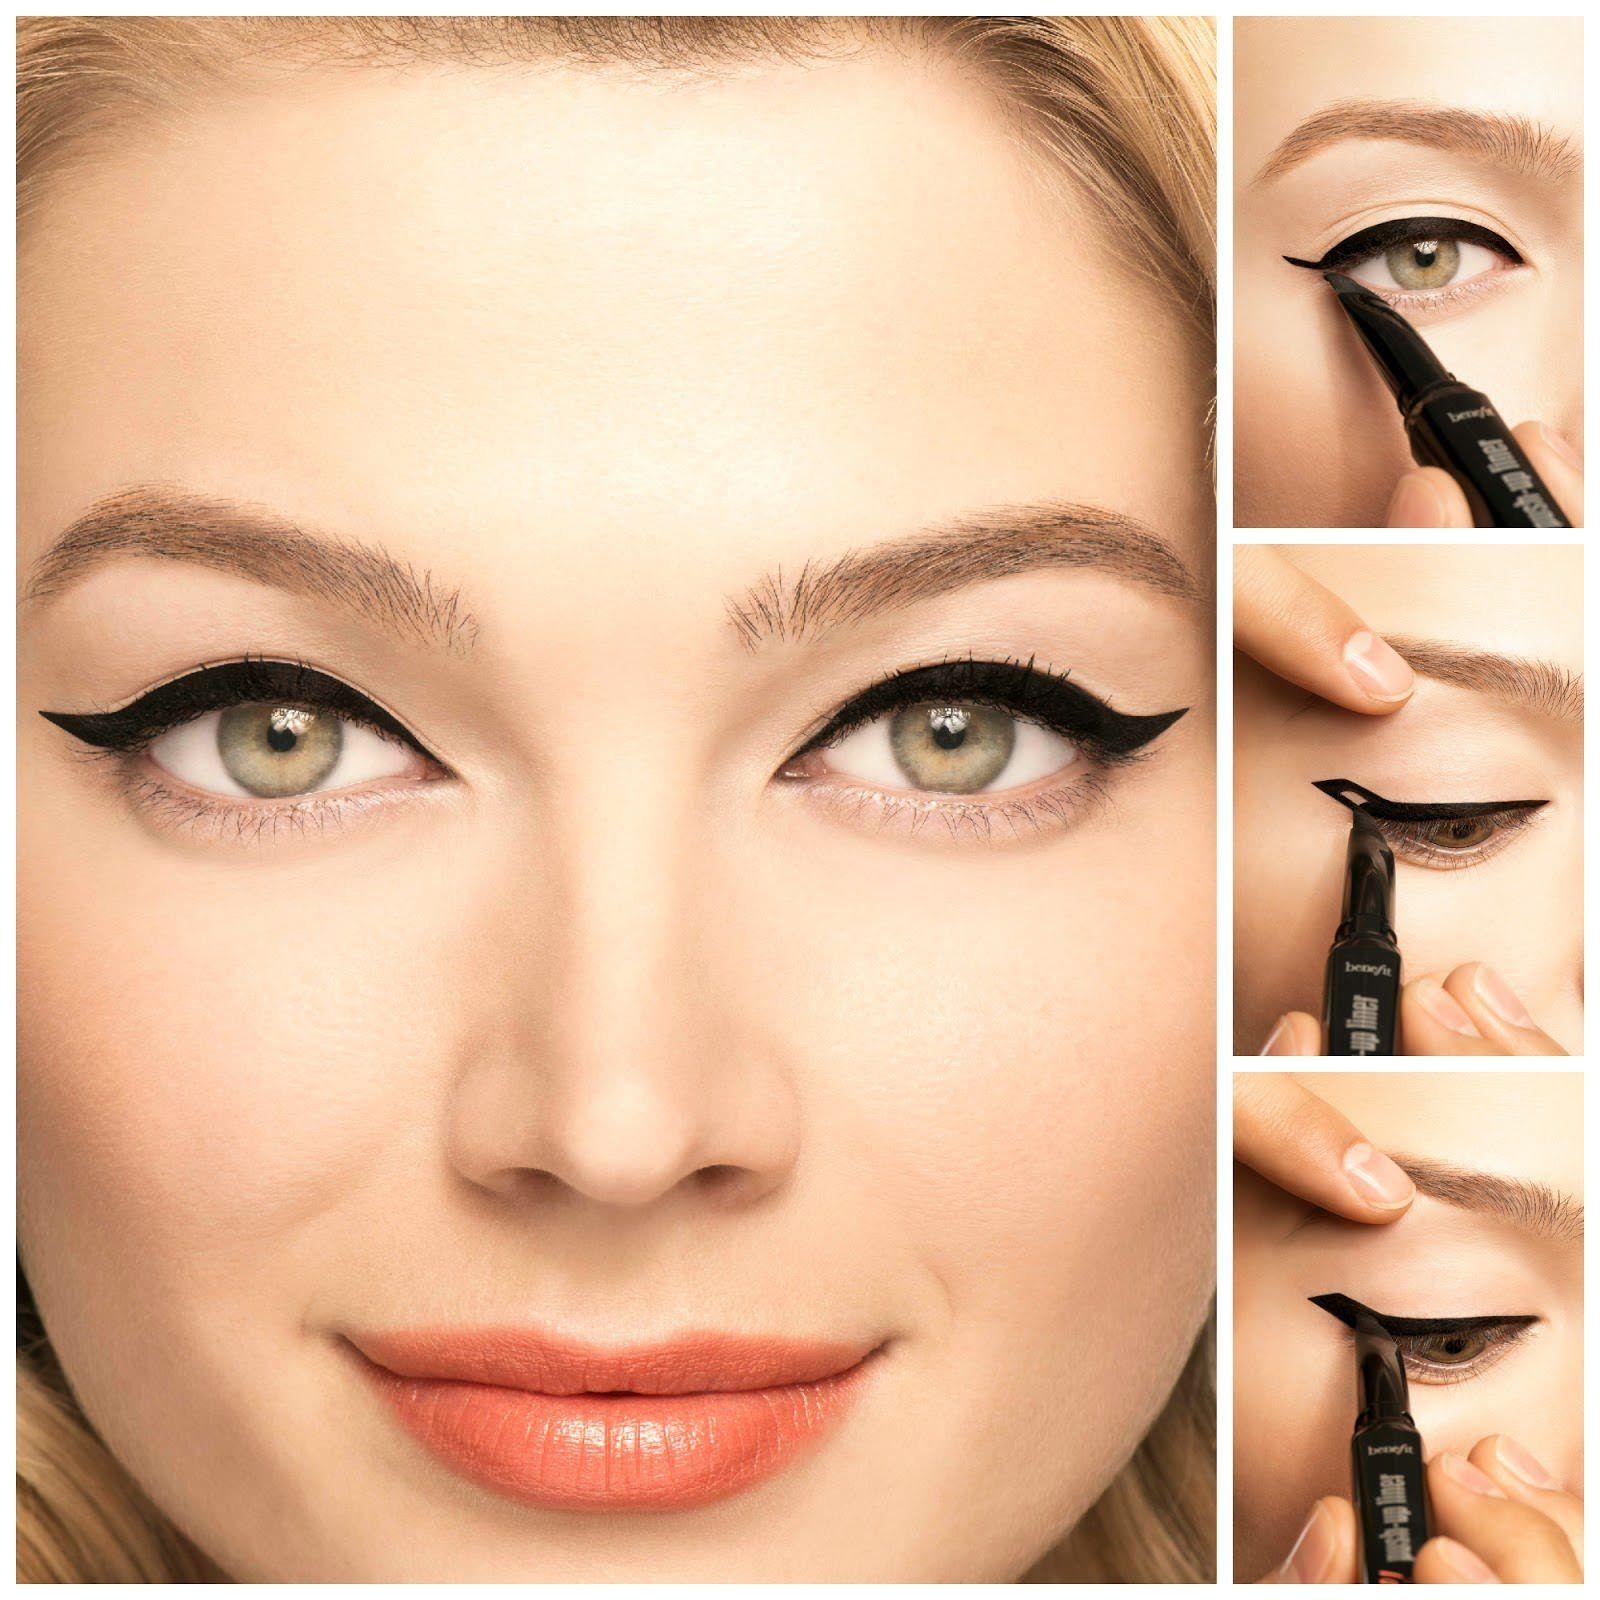 Paso A Paso Maquillaje Natural Para Tu Día A Día Soy Moda Maquillaje Natural Maquillaje Natural De Dia Ideas De Maquillaje Natural